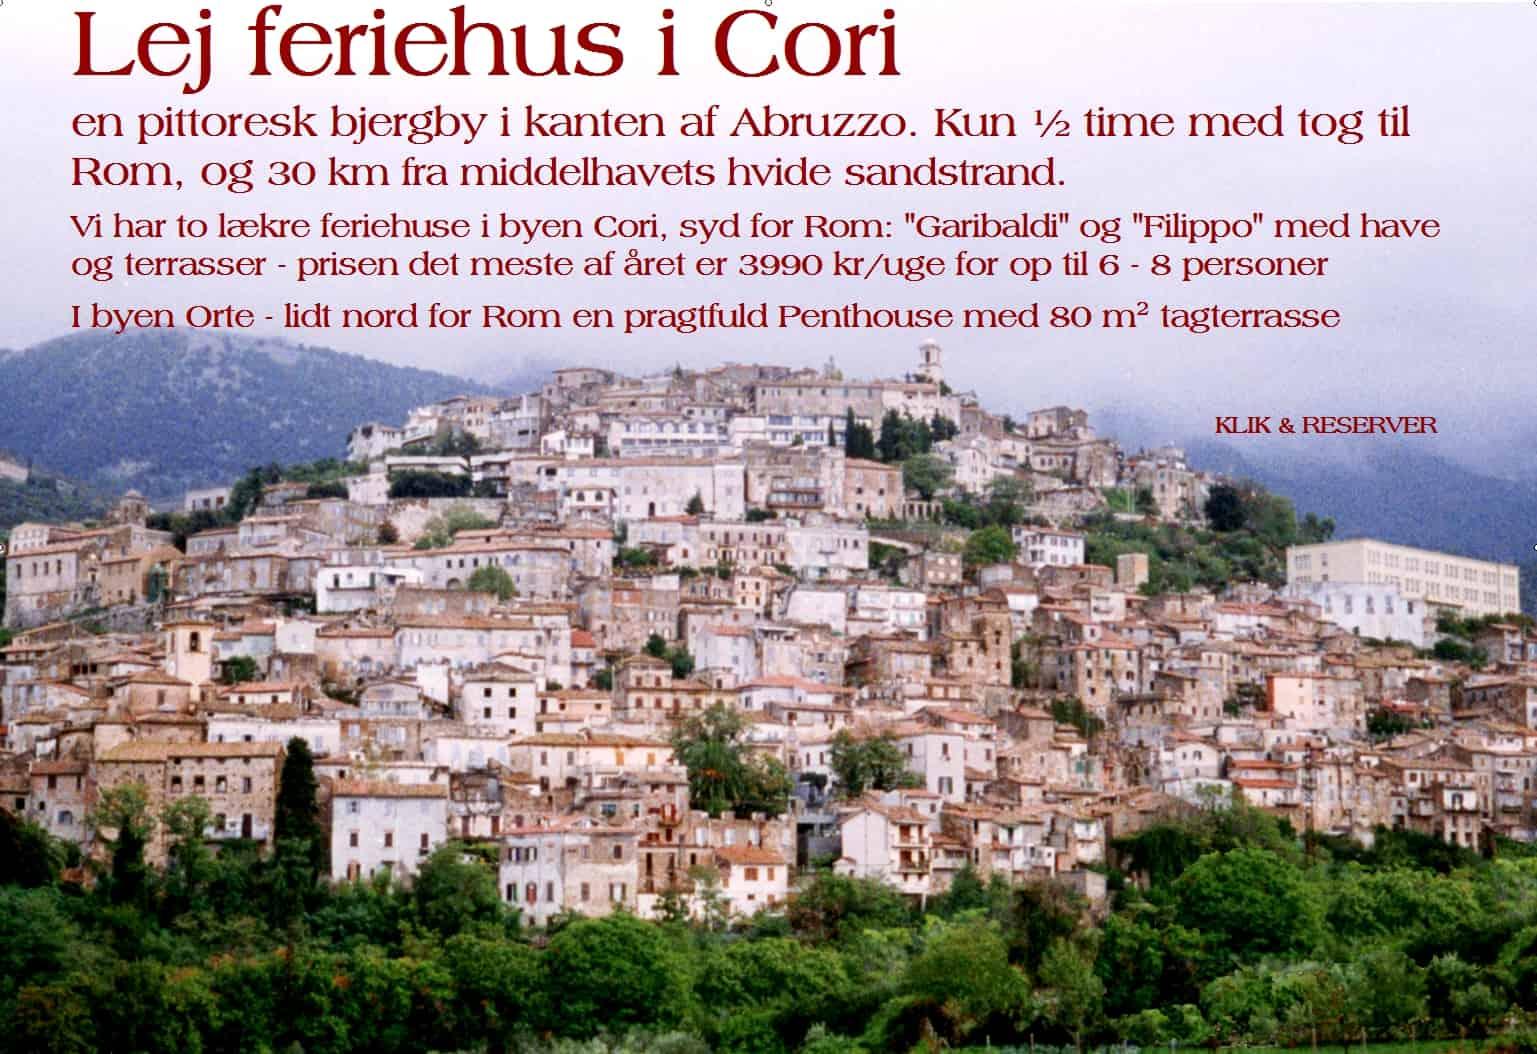 Lej feriehus i Cori en pittoresk bjergby i kanten af Abruzzo. Kun ½ time med tog til Rom, og 30 km fra middelhavets hvide sandstrand.